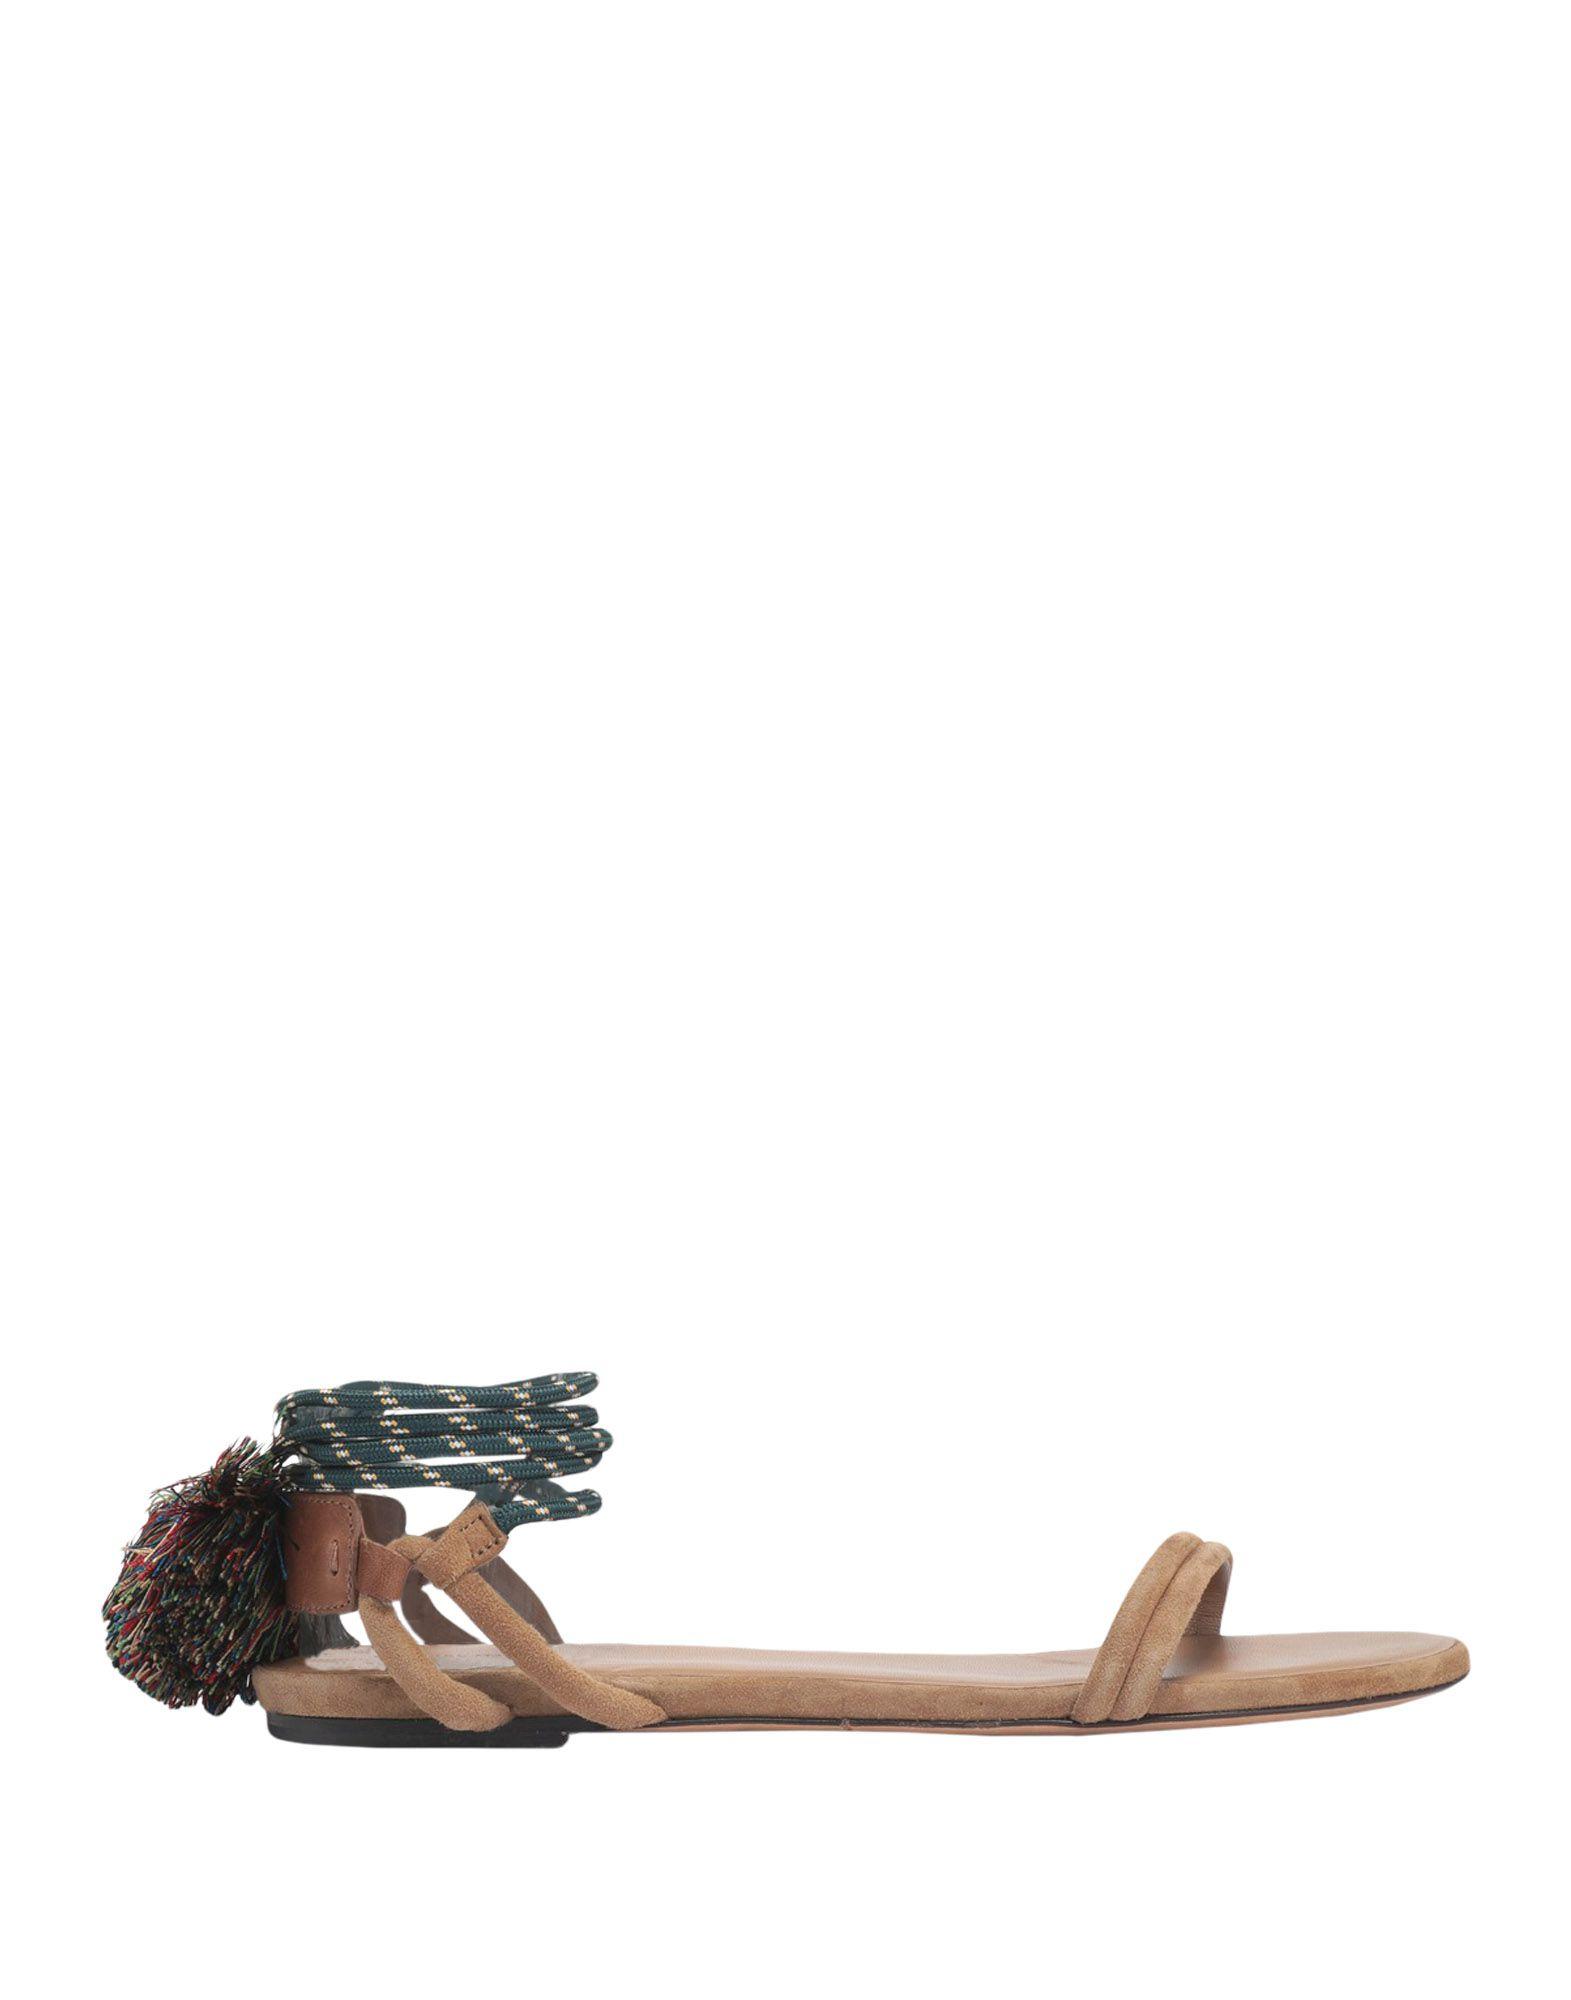 b950096a9fa Isabel Marant Sandals - Women Isabel Marant Sandals online online ...